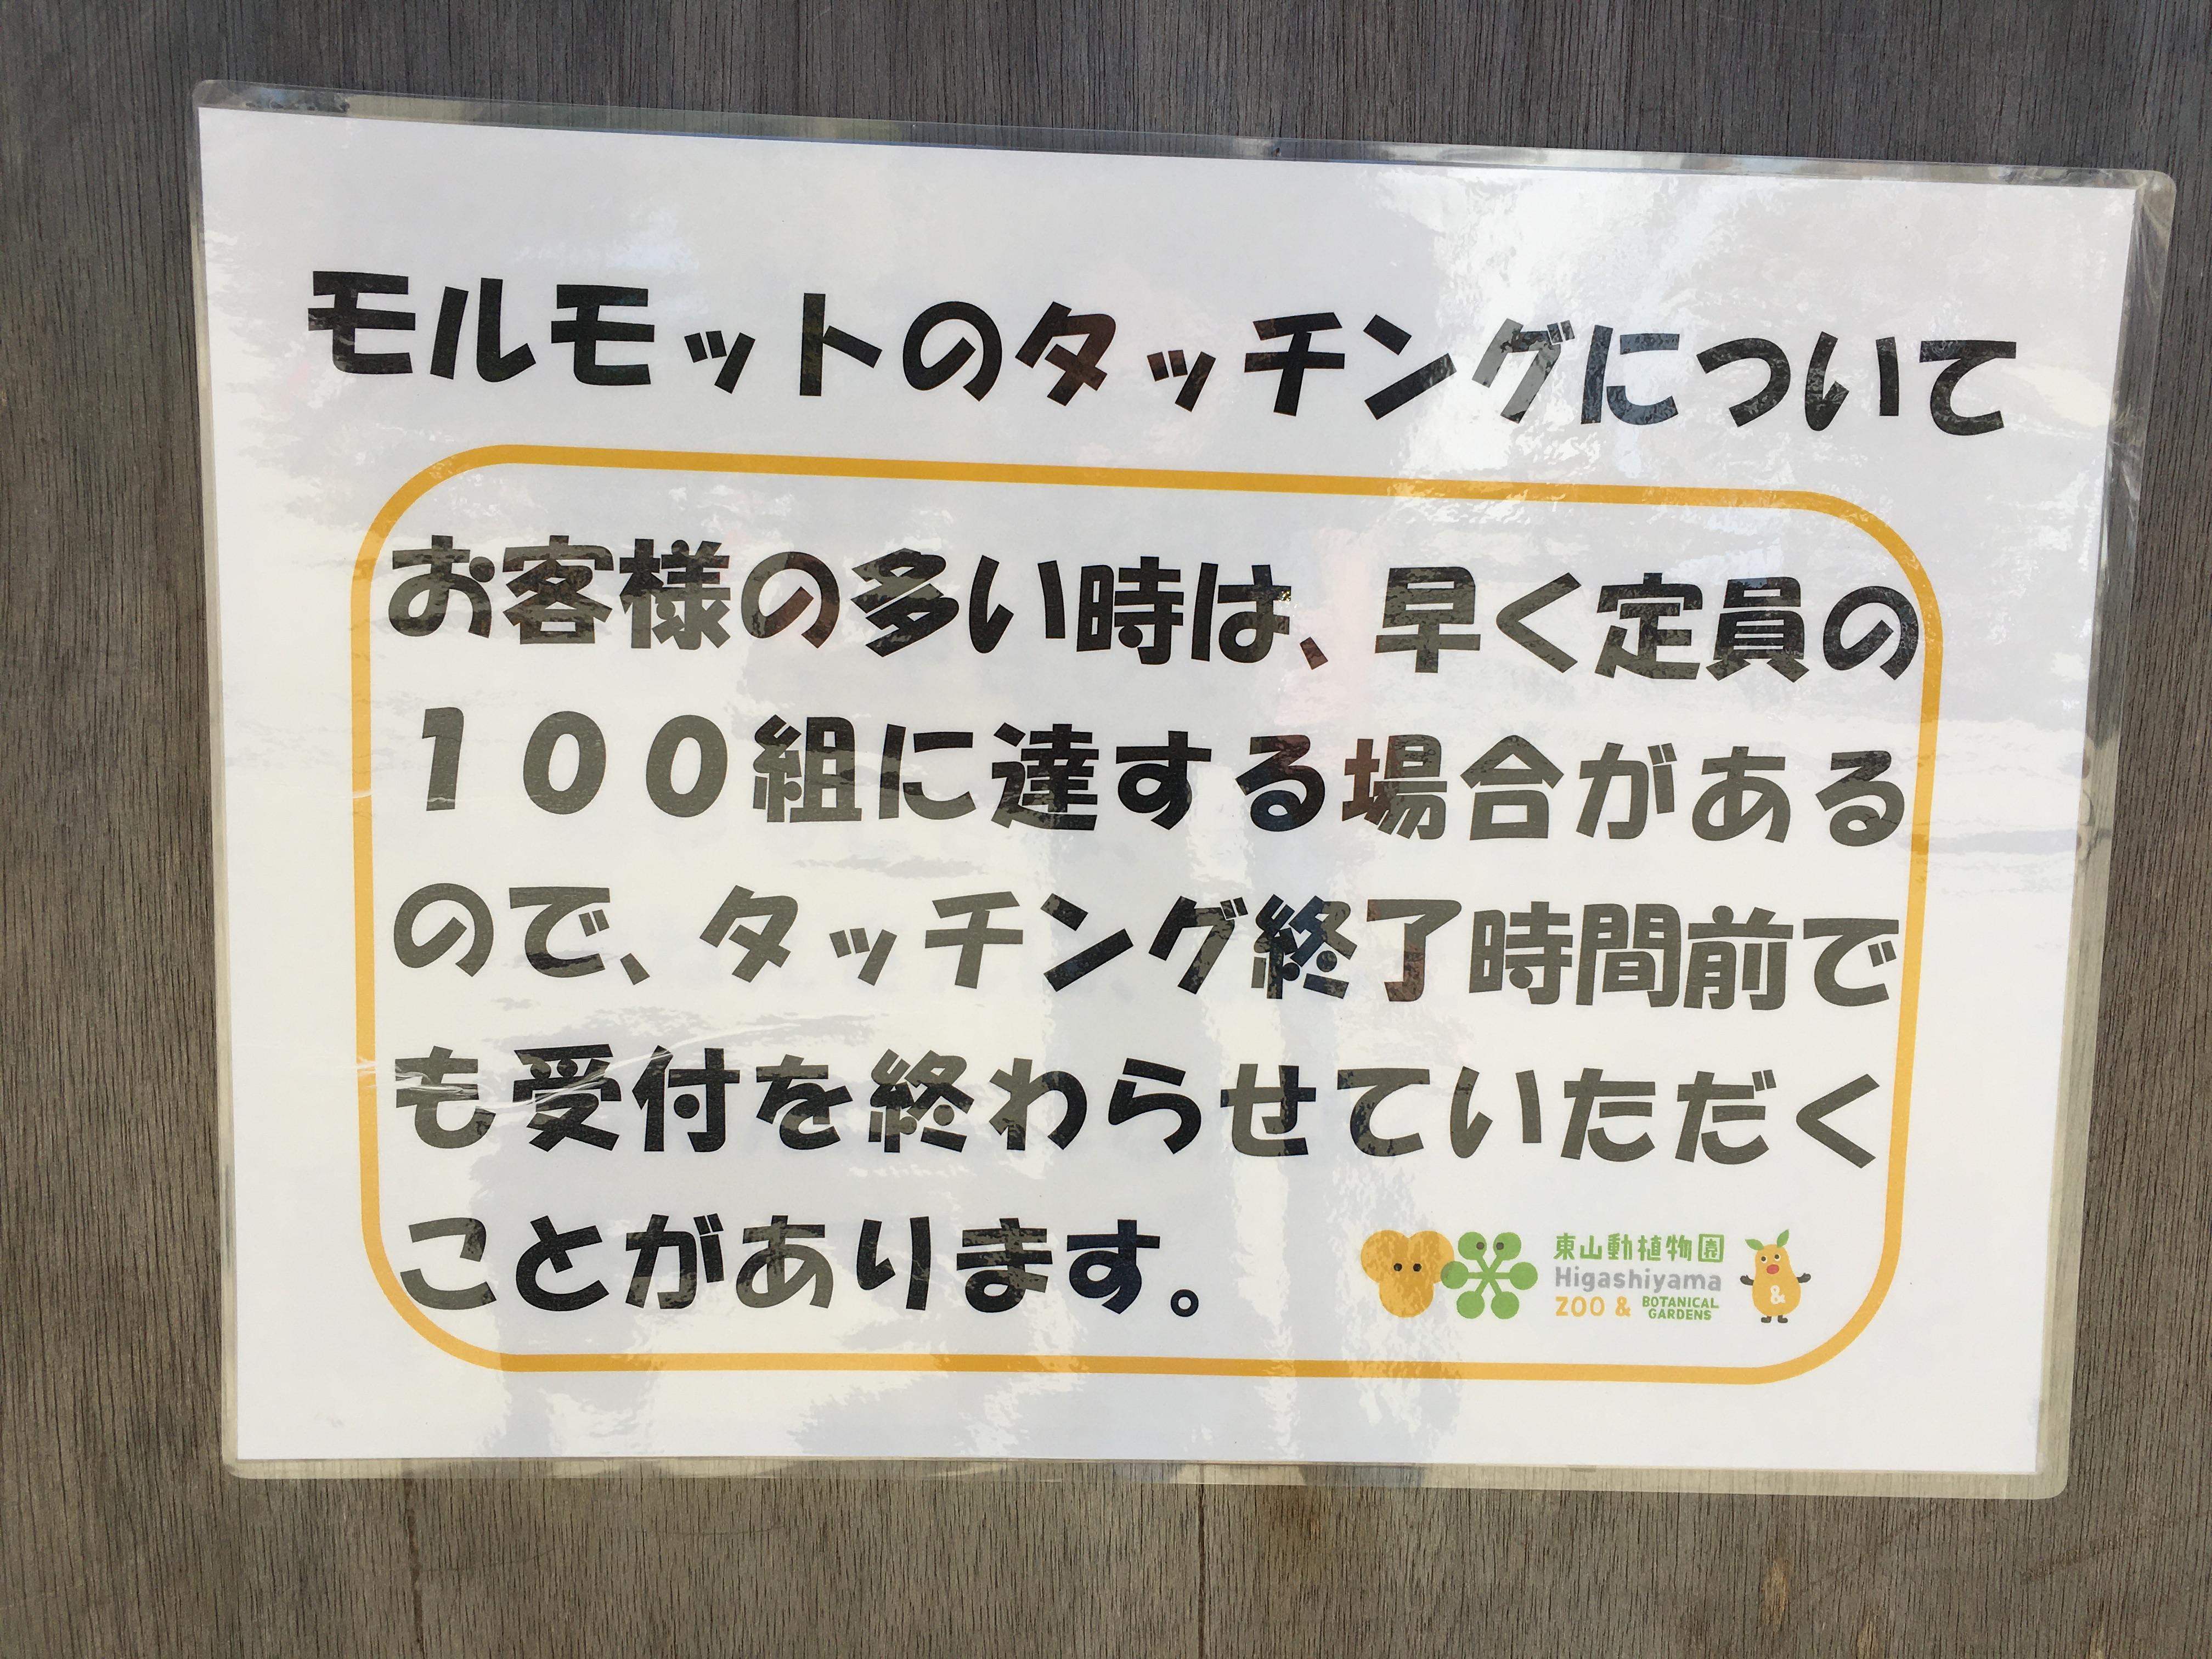 higashiyama-zoo-kodomodoubutsuen